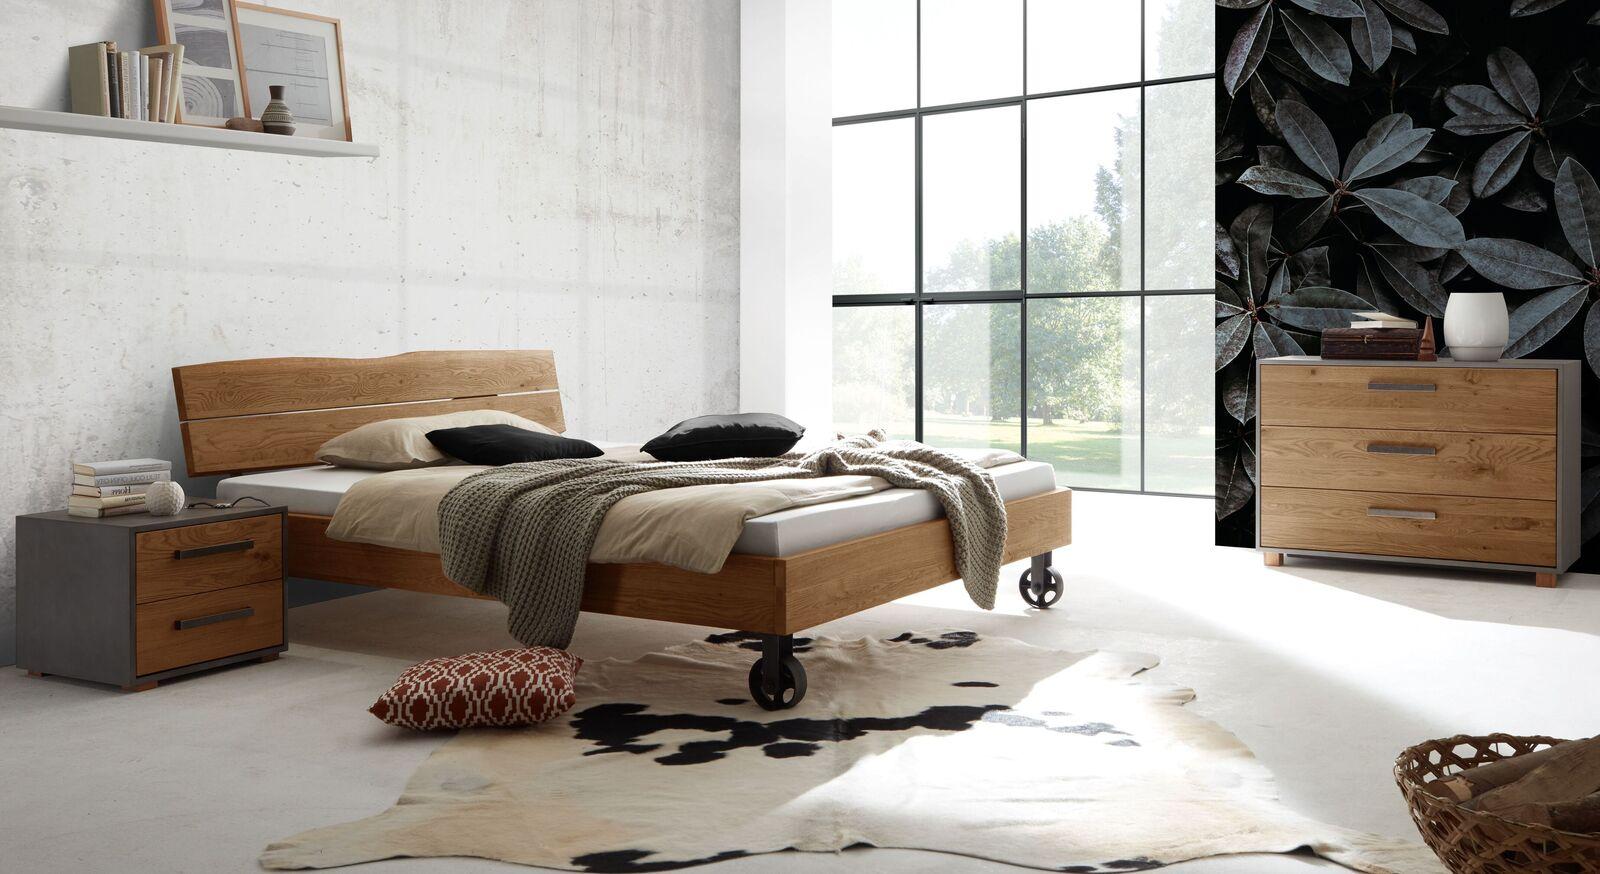 Bett Rivoche mit passenden Beimöbeln